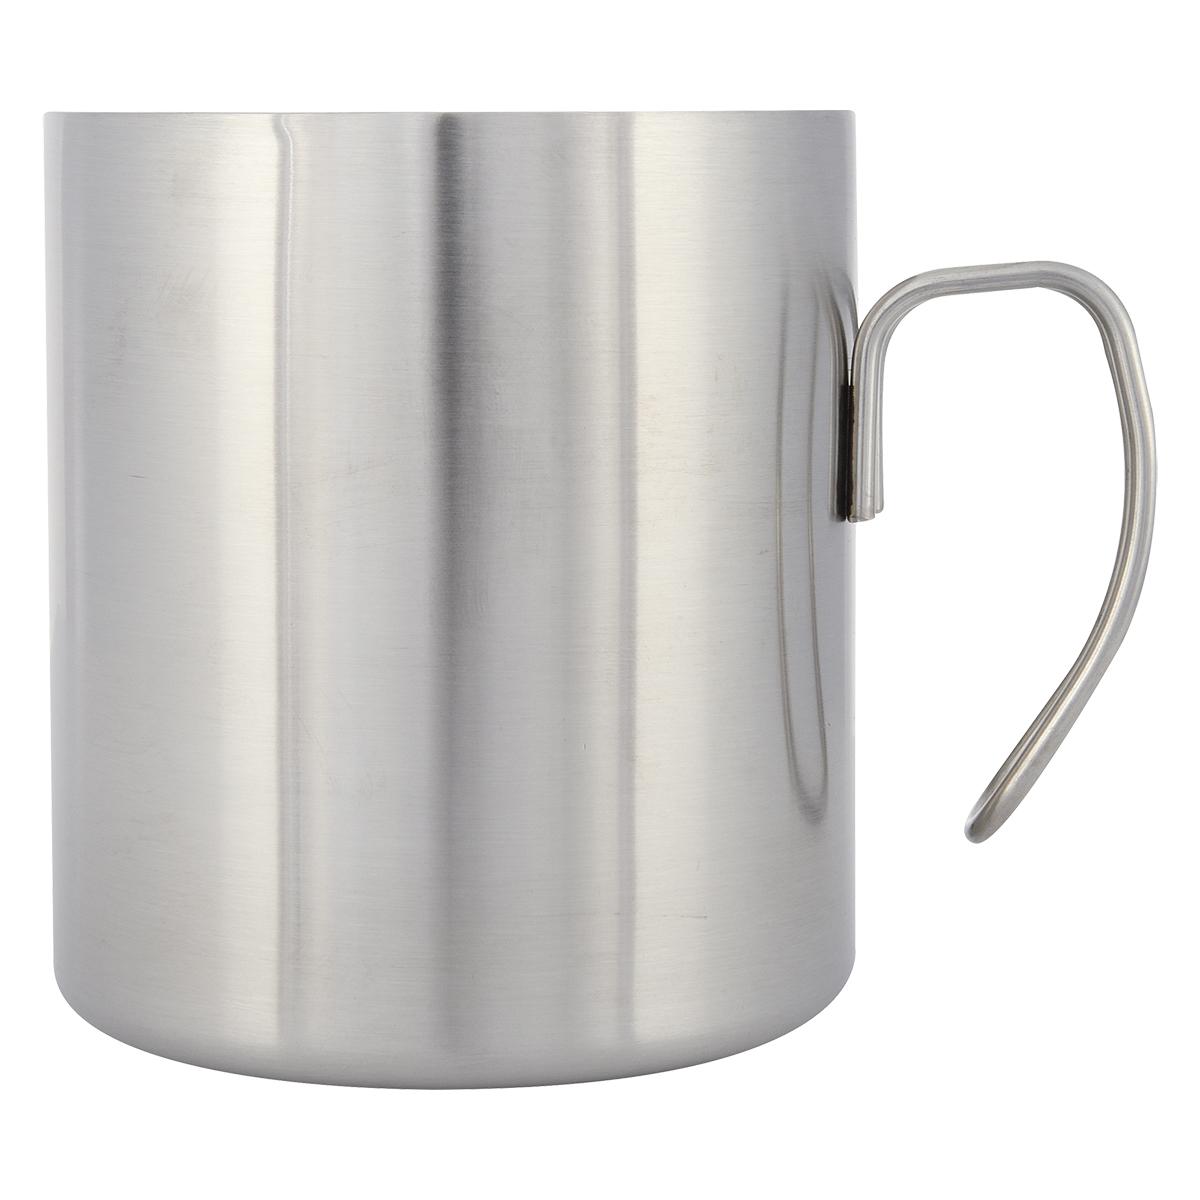 5373 - Taza de Acero Inoxidable Rolla 354 ml.